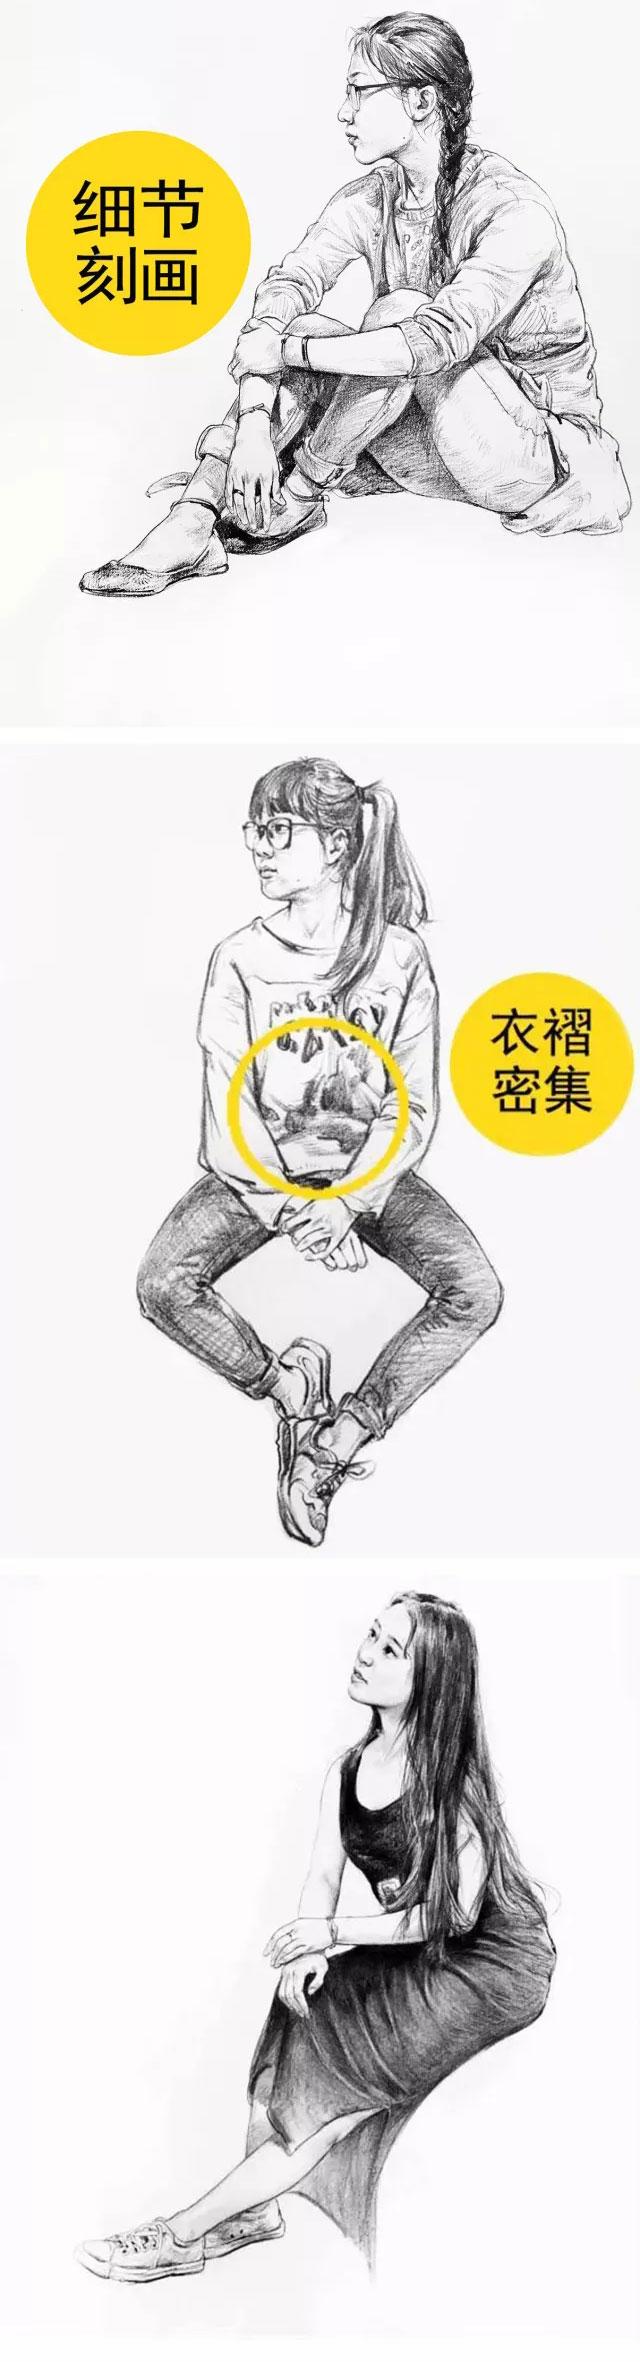 太原唐晋美术学校 人物速写之怎样画好蹲姿坐姿